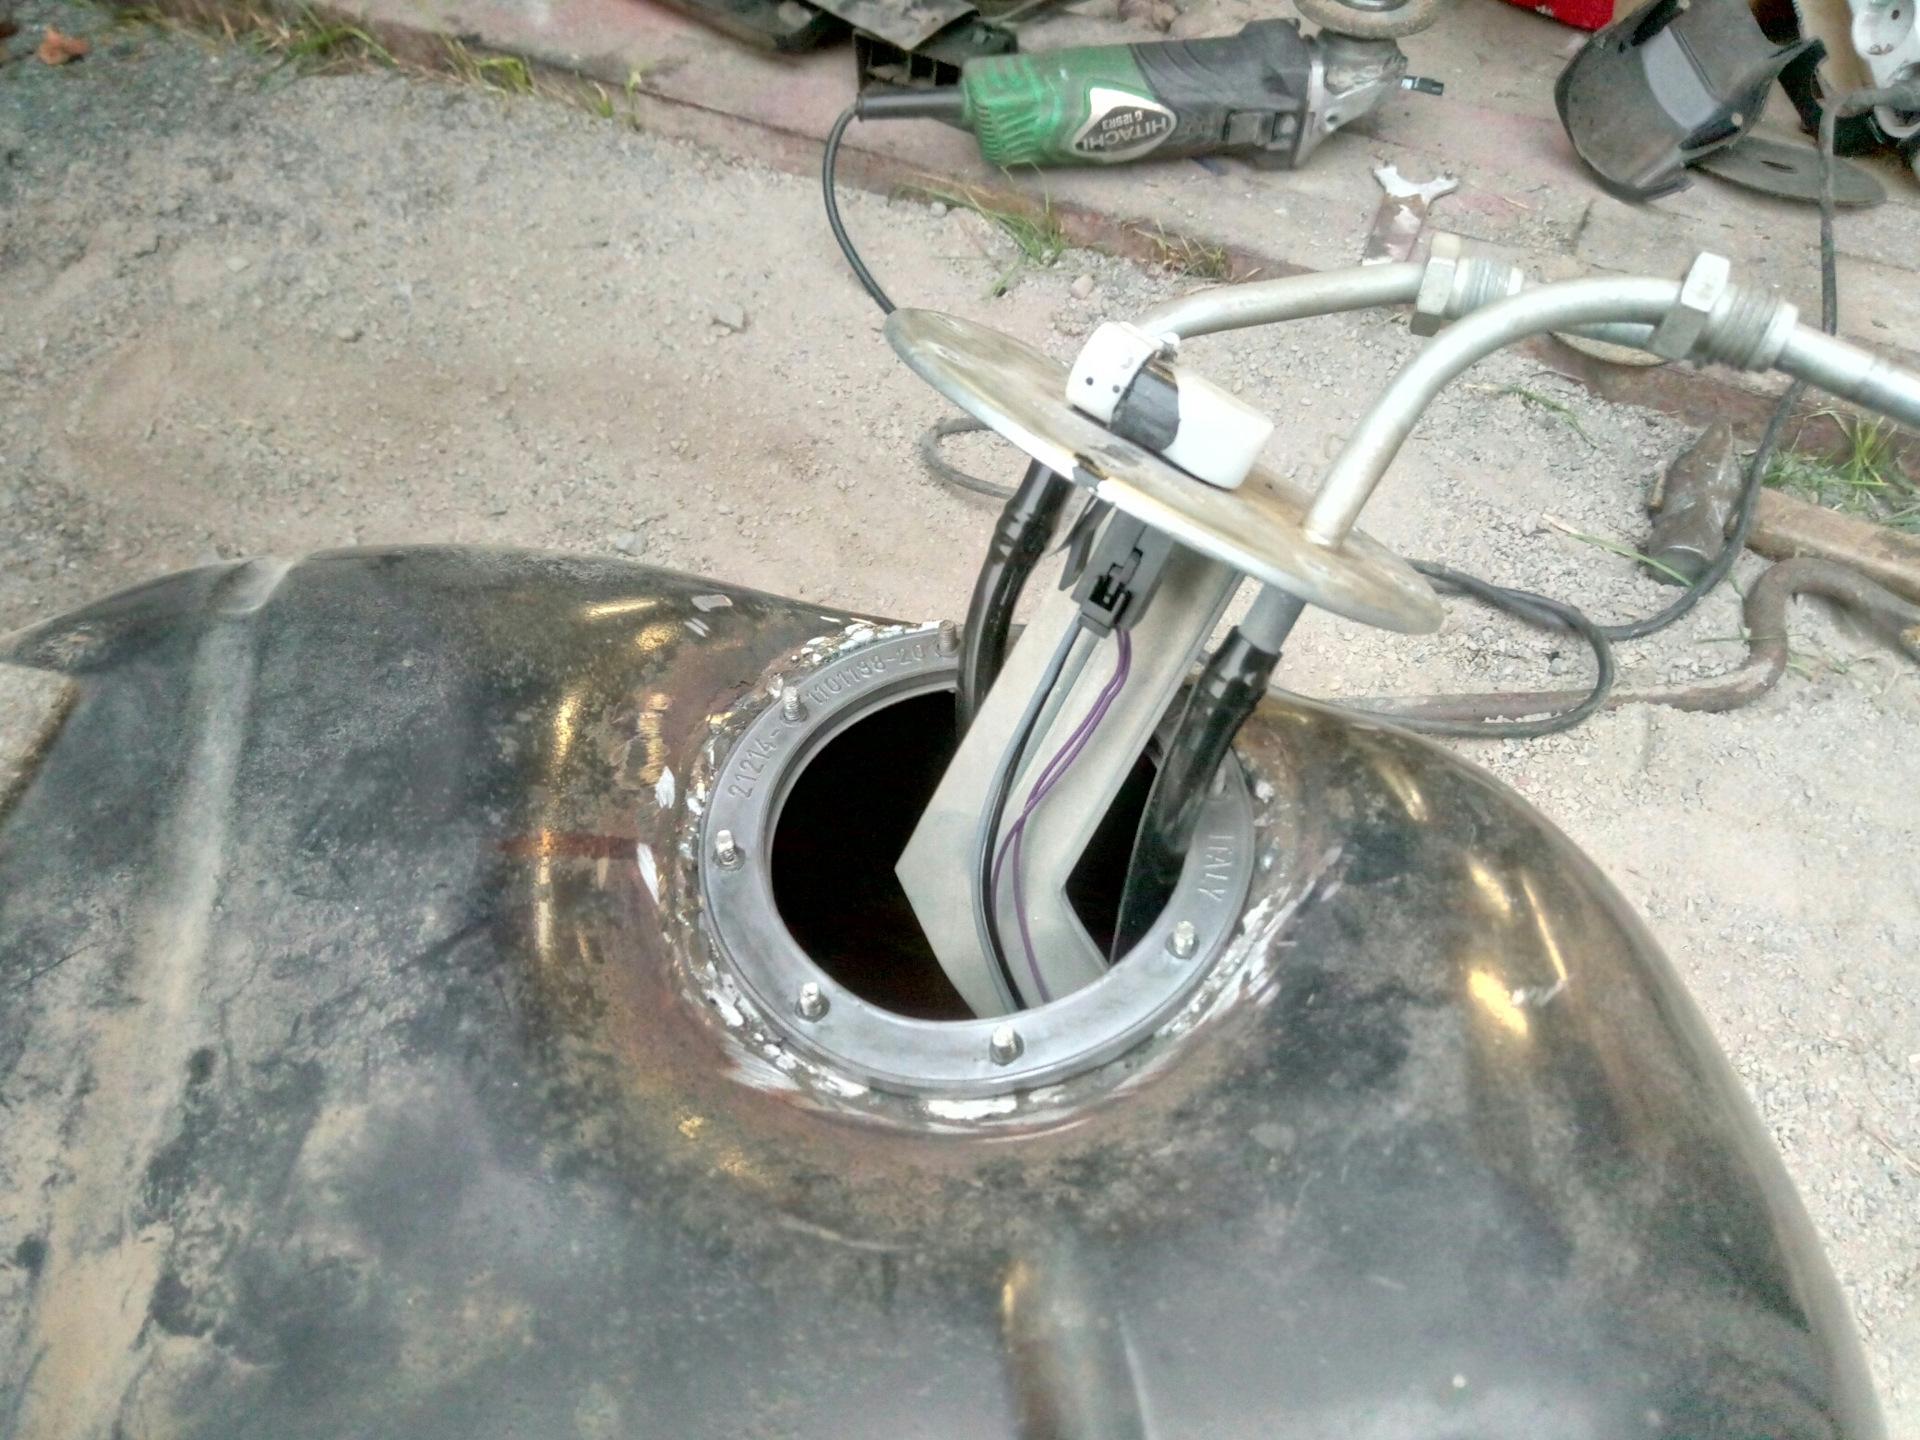 НЕ работает бензонасос в ВАЗ-2107 инжектор - 51 ответ